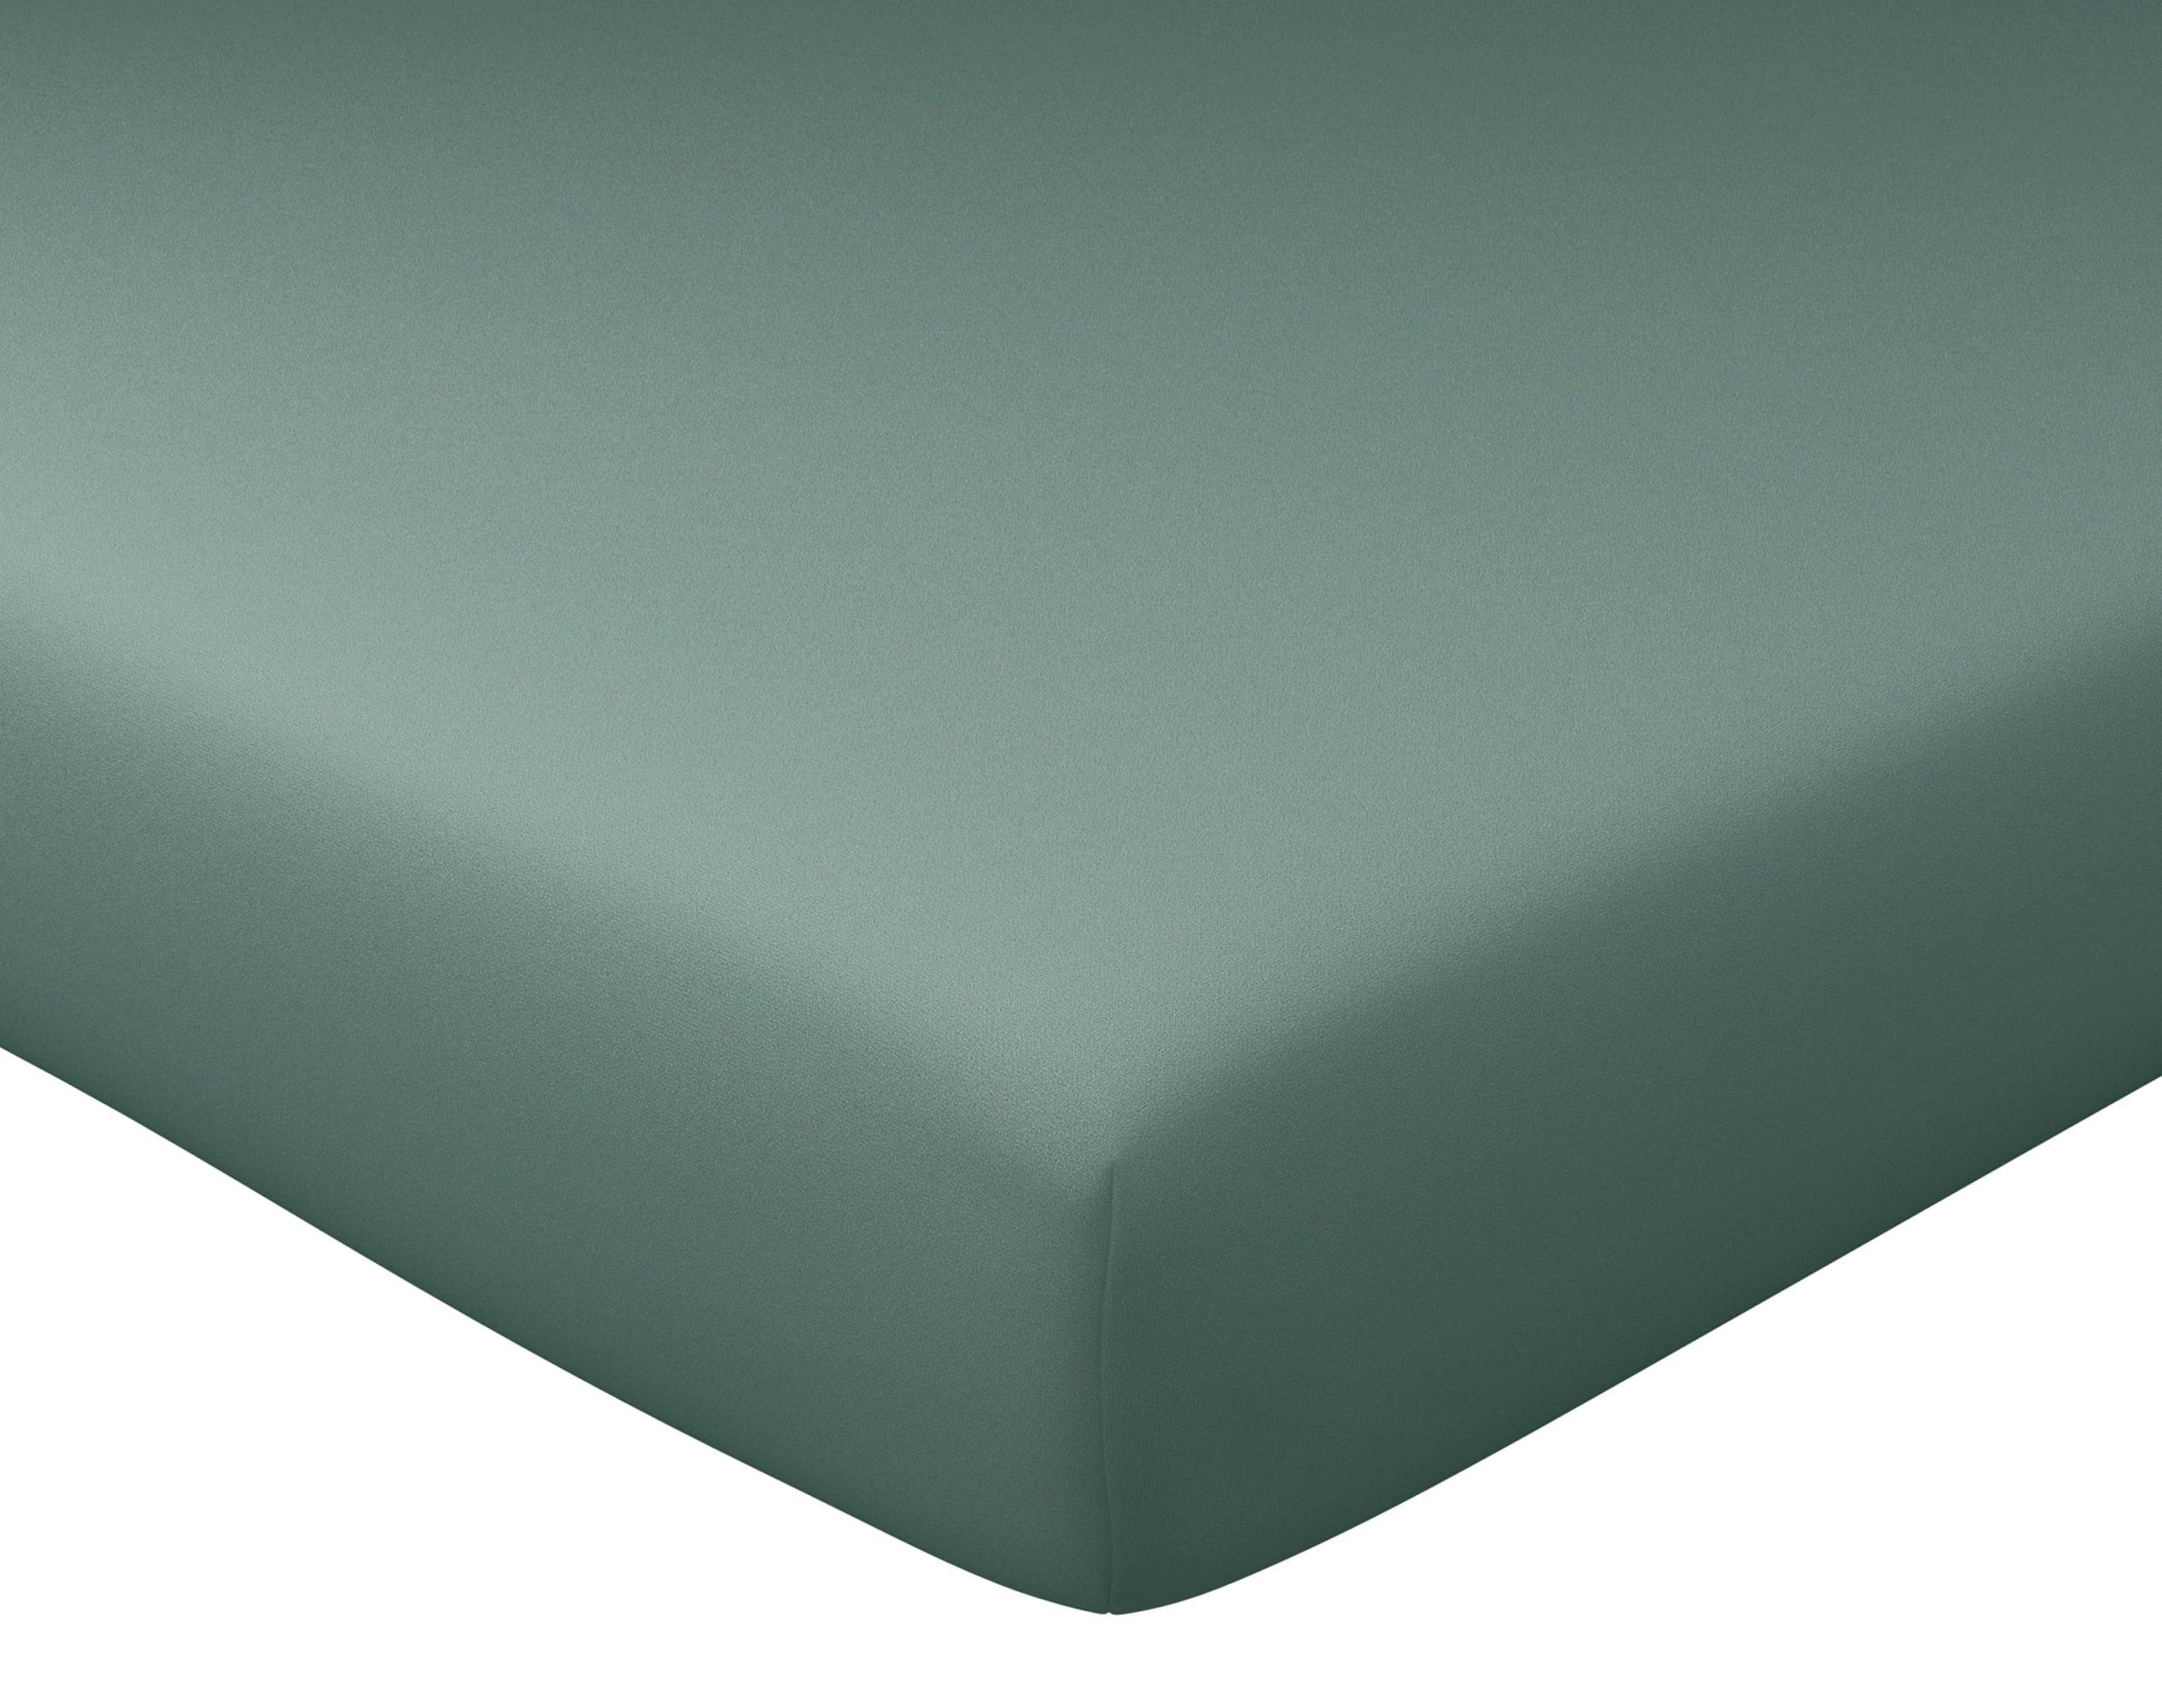 Drap-housse 180x200 en percale de coton  vert eucalyptus